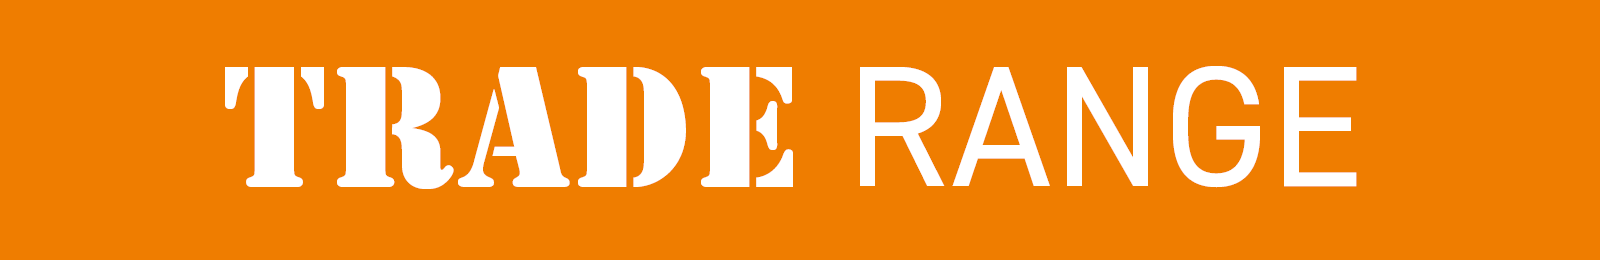 Range Banner Trade